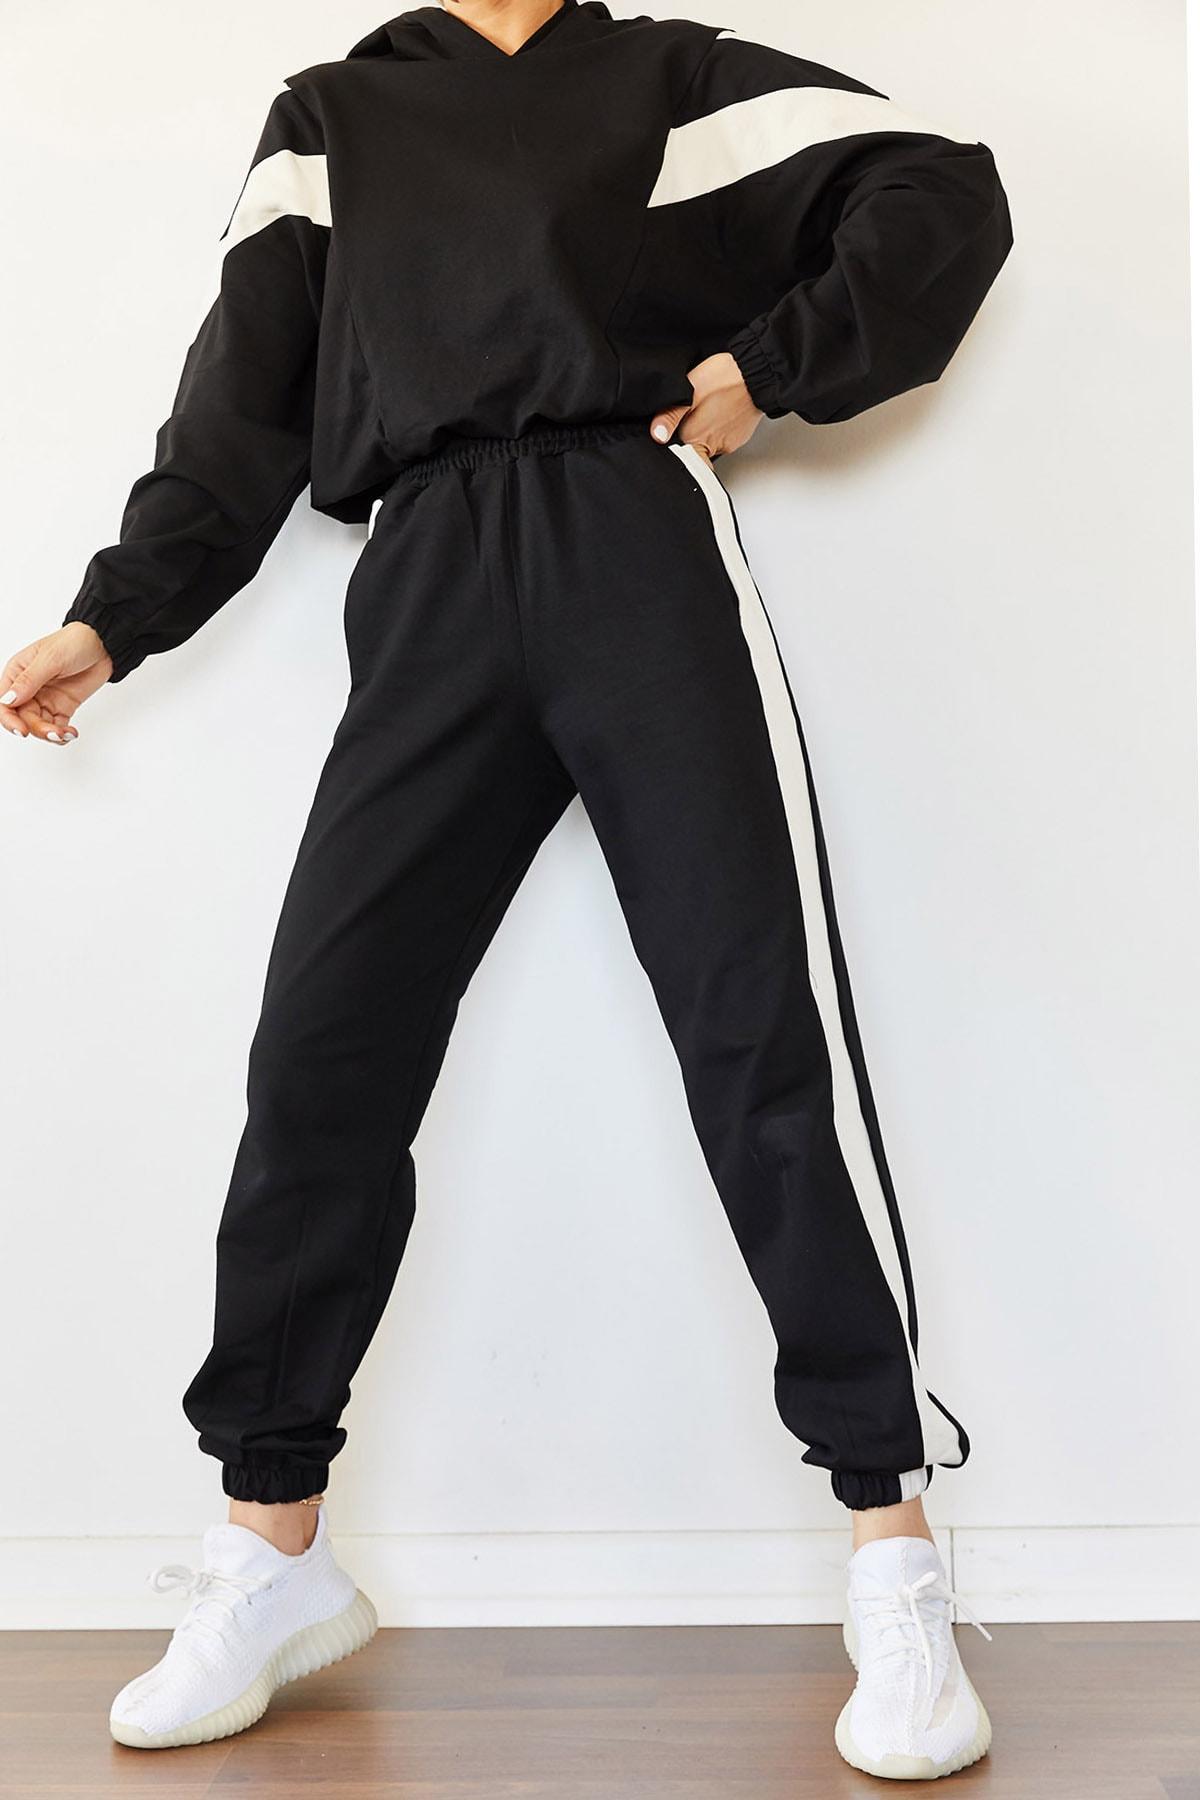 XENA Kadın Siyah Parçalı Eşofman Takımı 0YZK8-10315 1